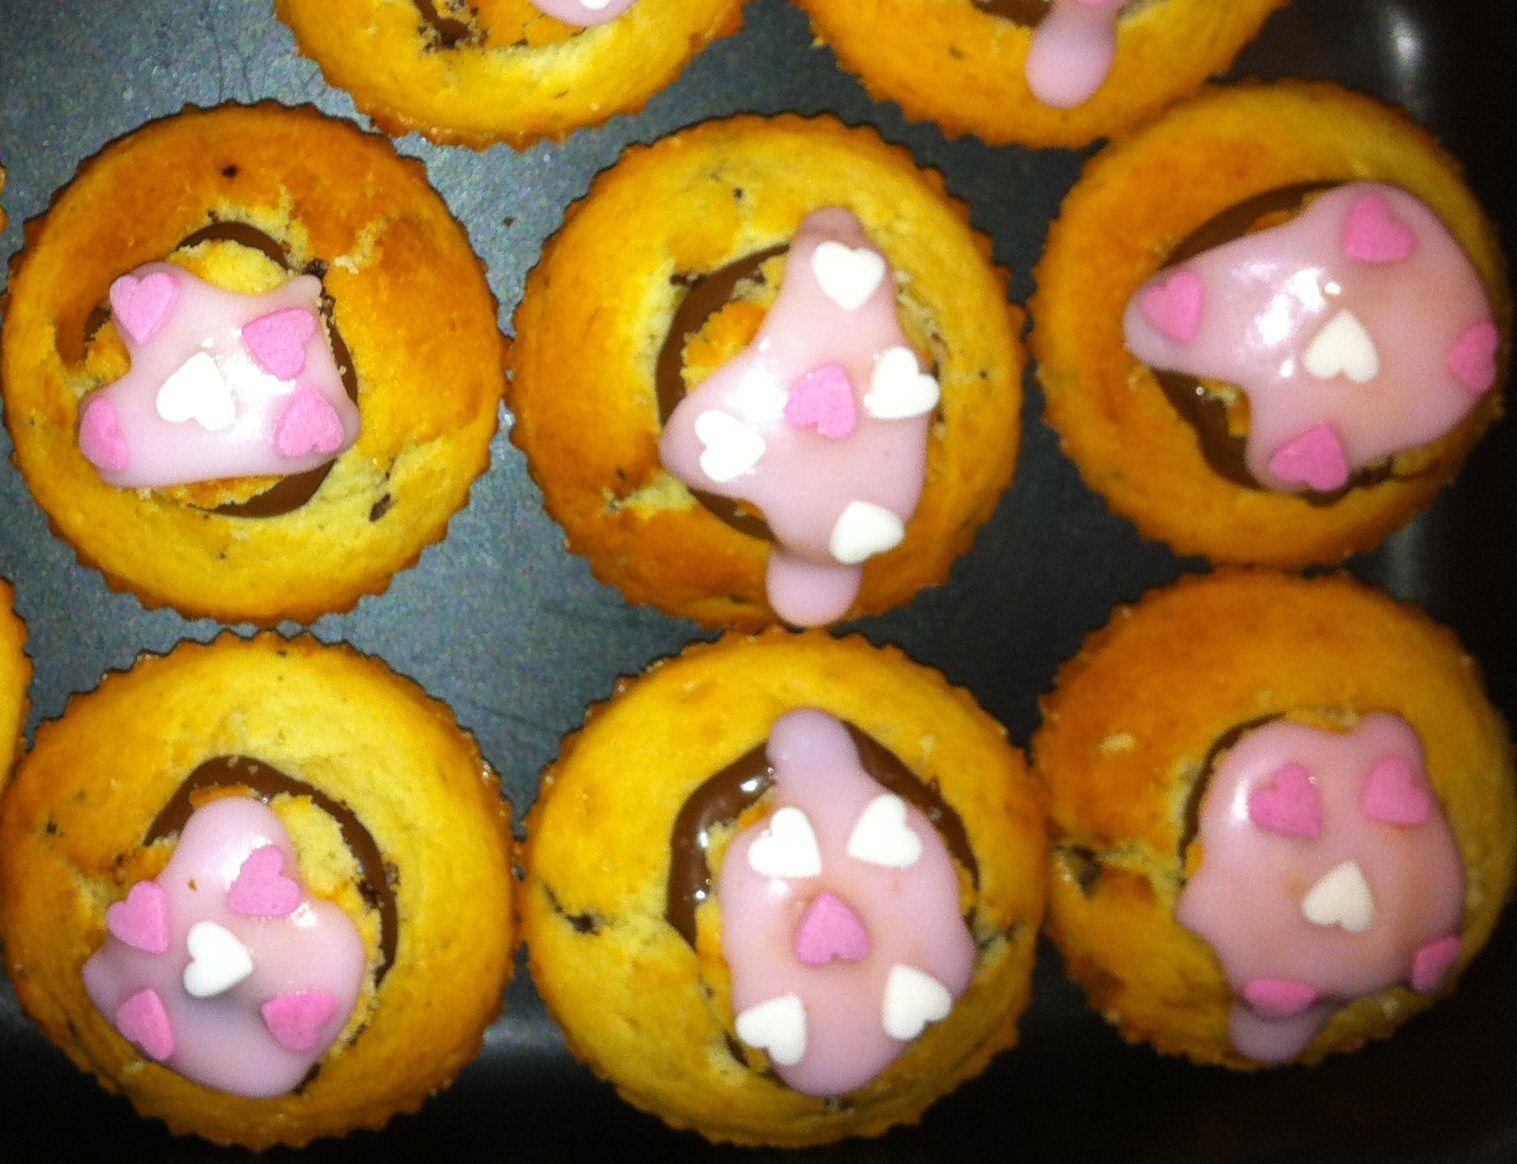 Cupcakes au nutella sans gluten - pour 12 unités